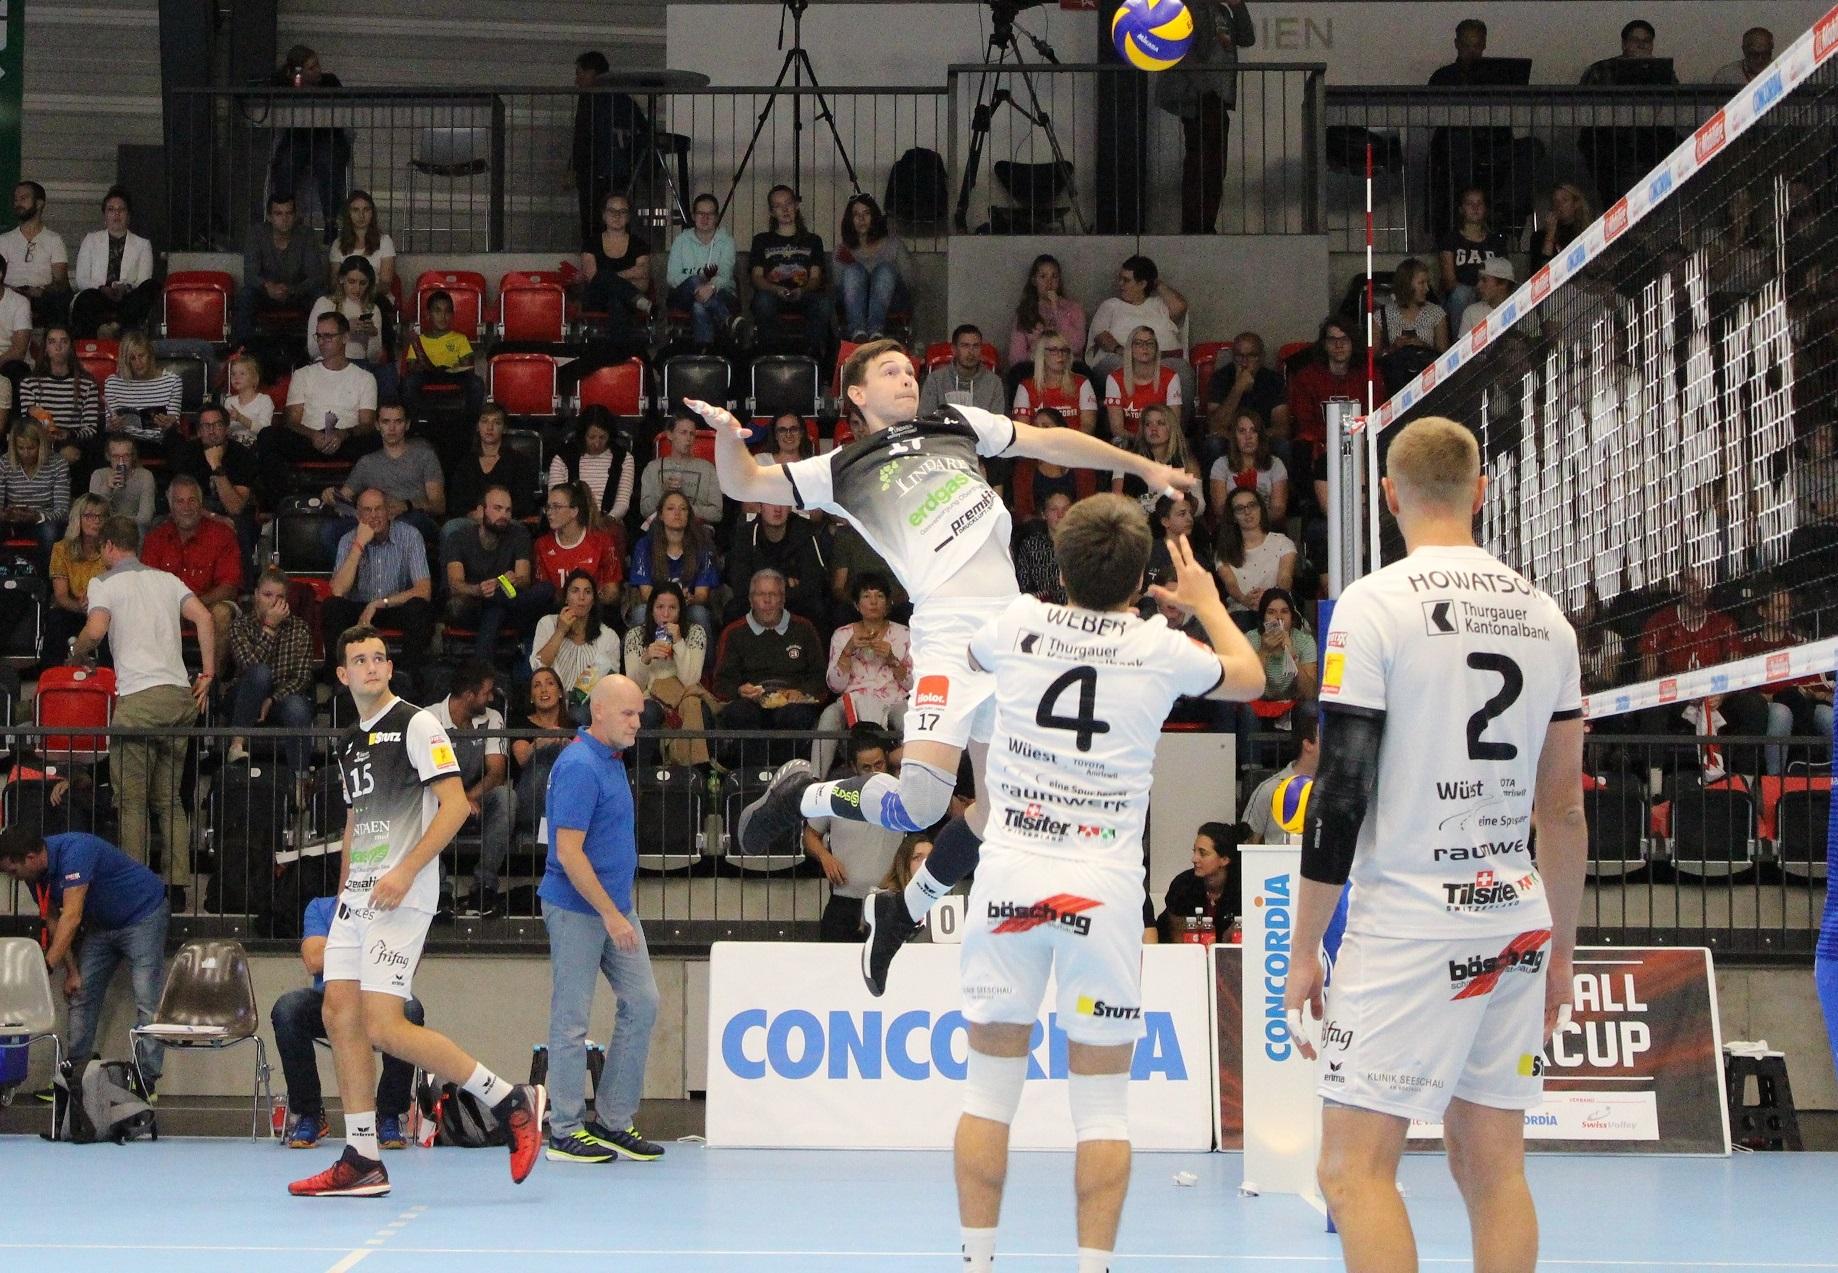 Pflichtsieg für Volley Amriswil in Jona